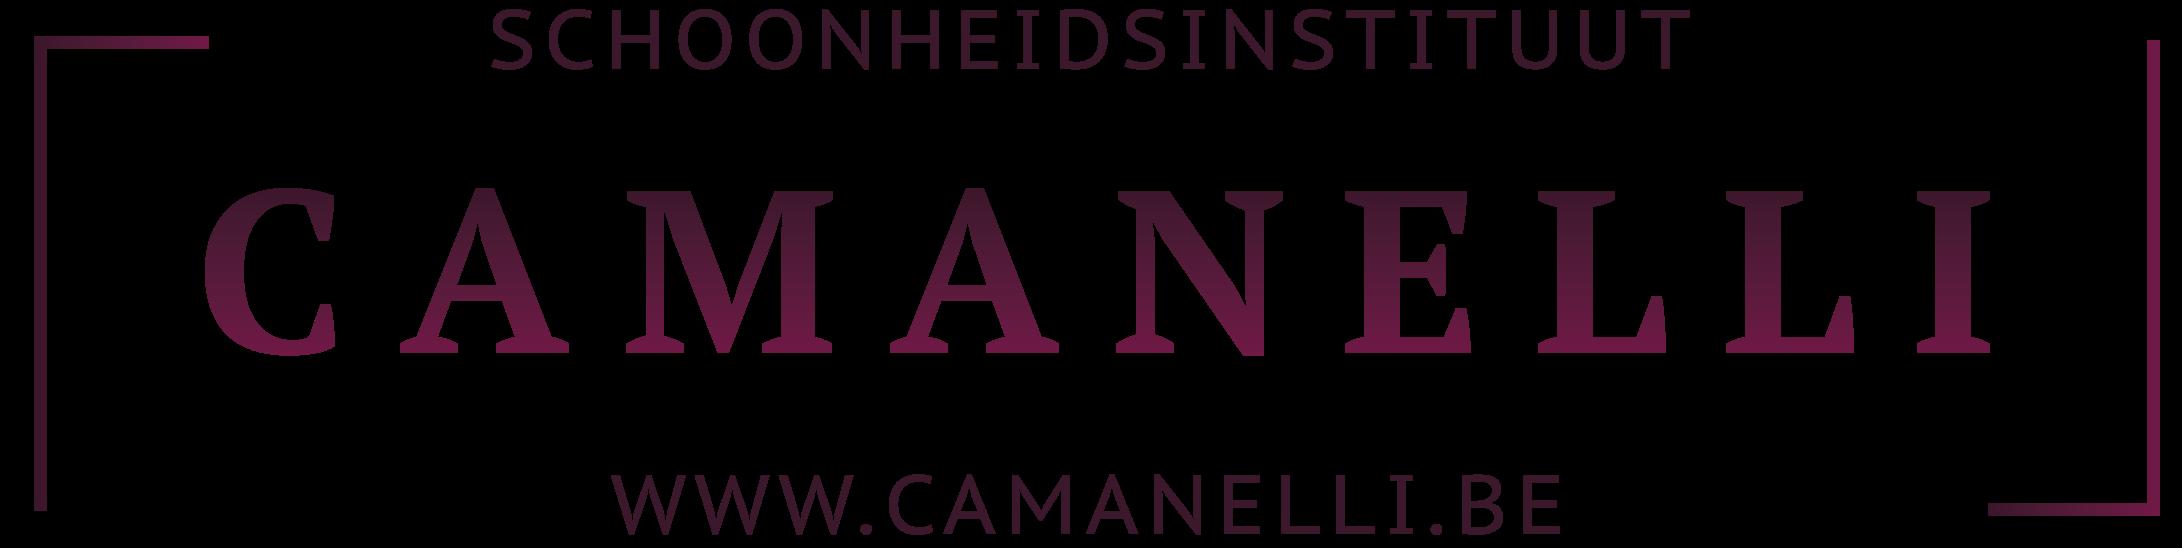 Camanelli schoonheidsinstituut